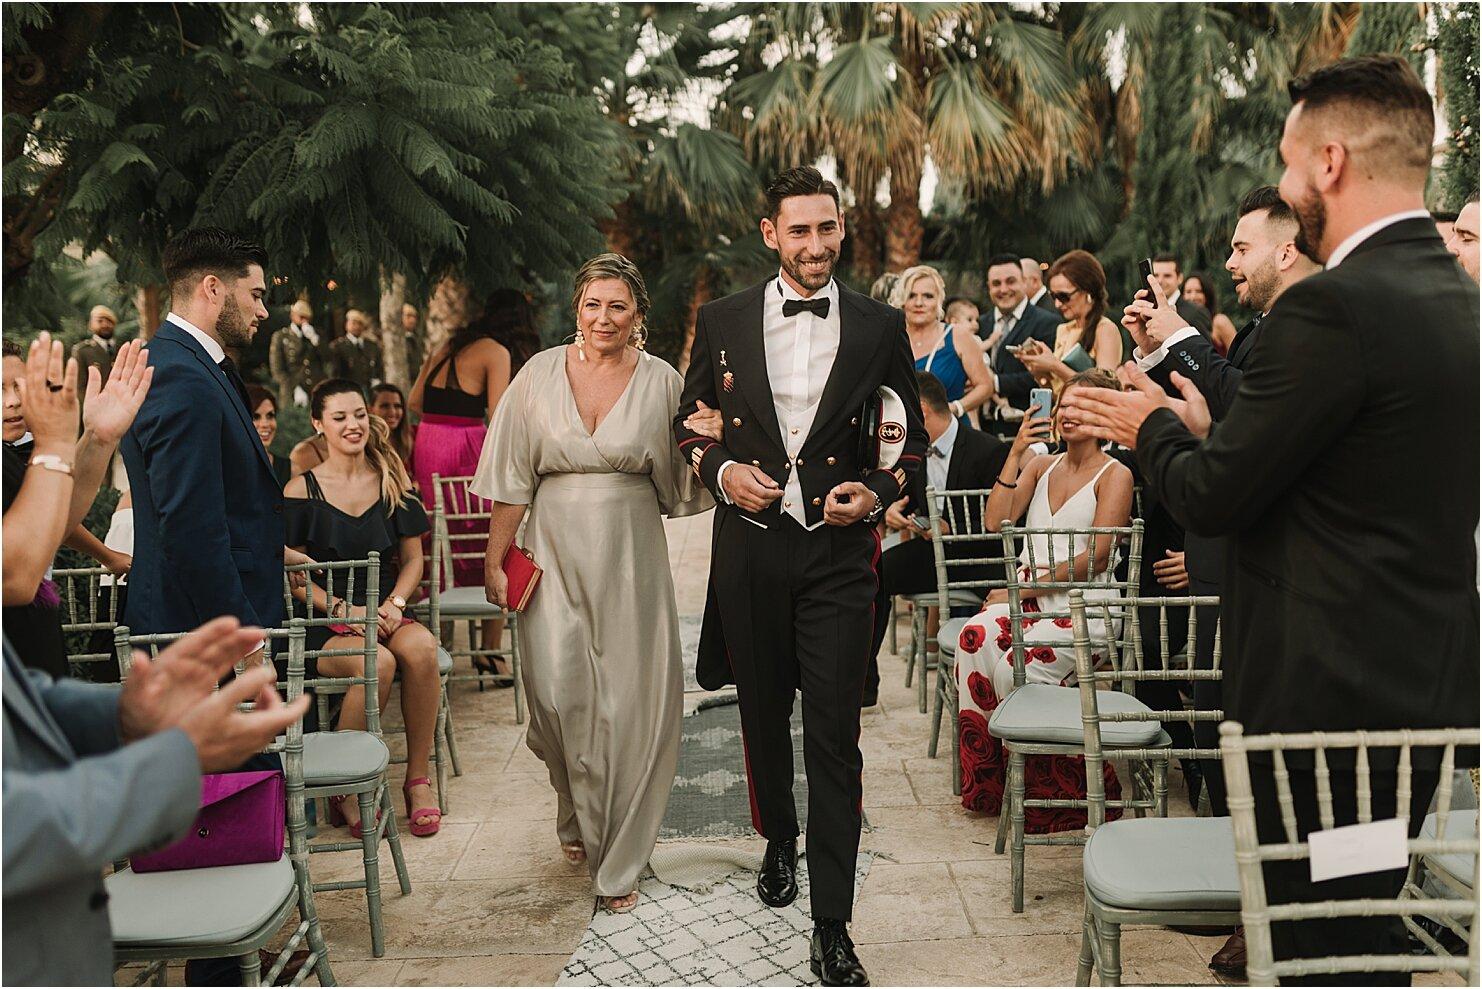 boda-romantica-boda-boho-vestido-de-novia-laura-lomas8.jpg